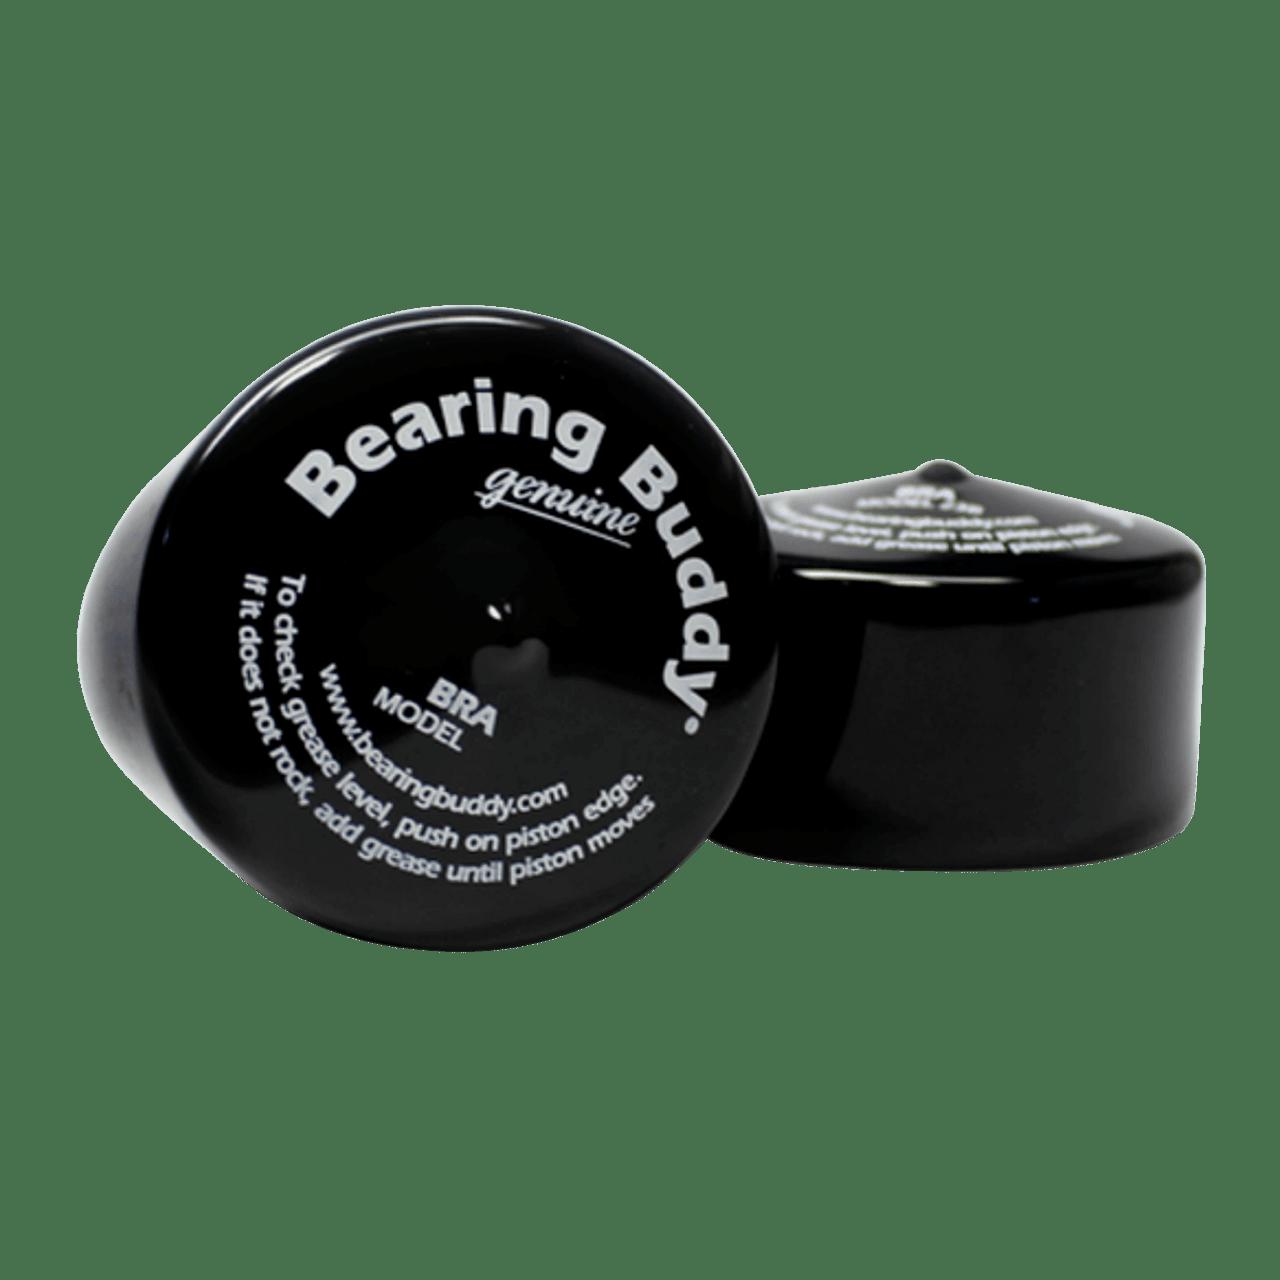 BRA-23B --- Bearing Buddy Bra